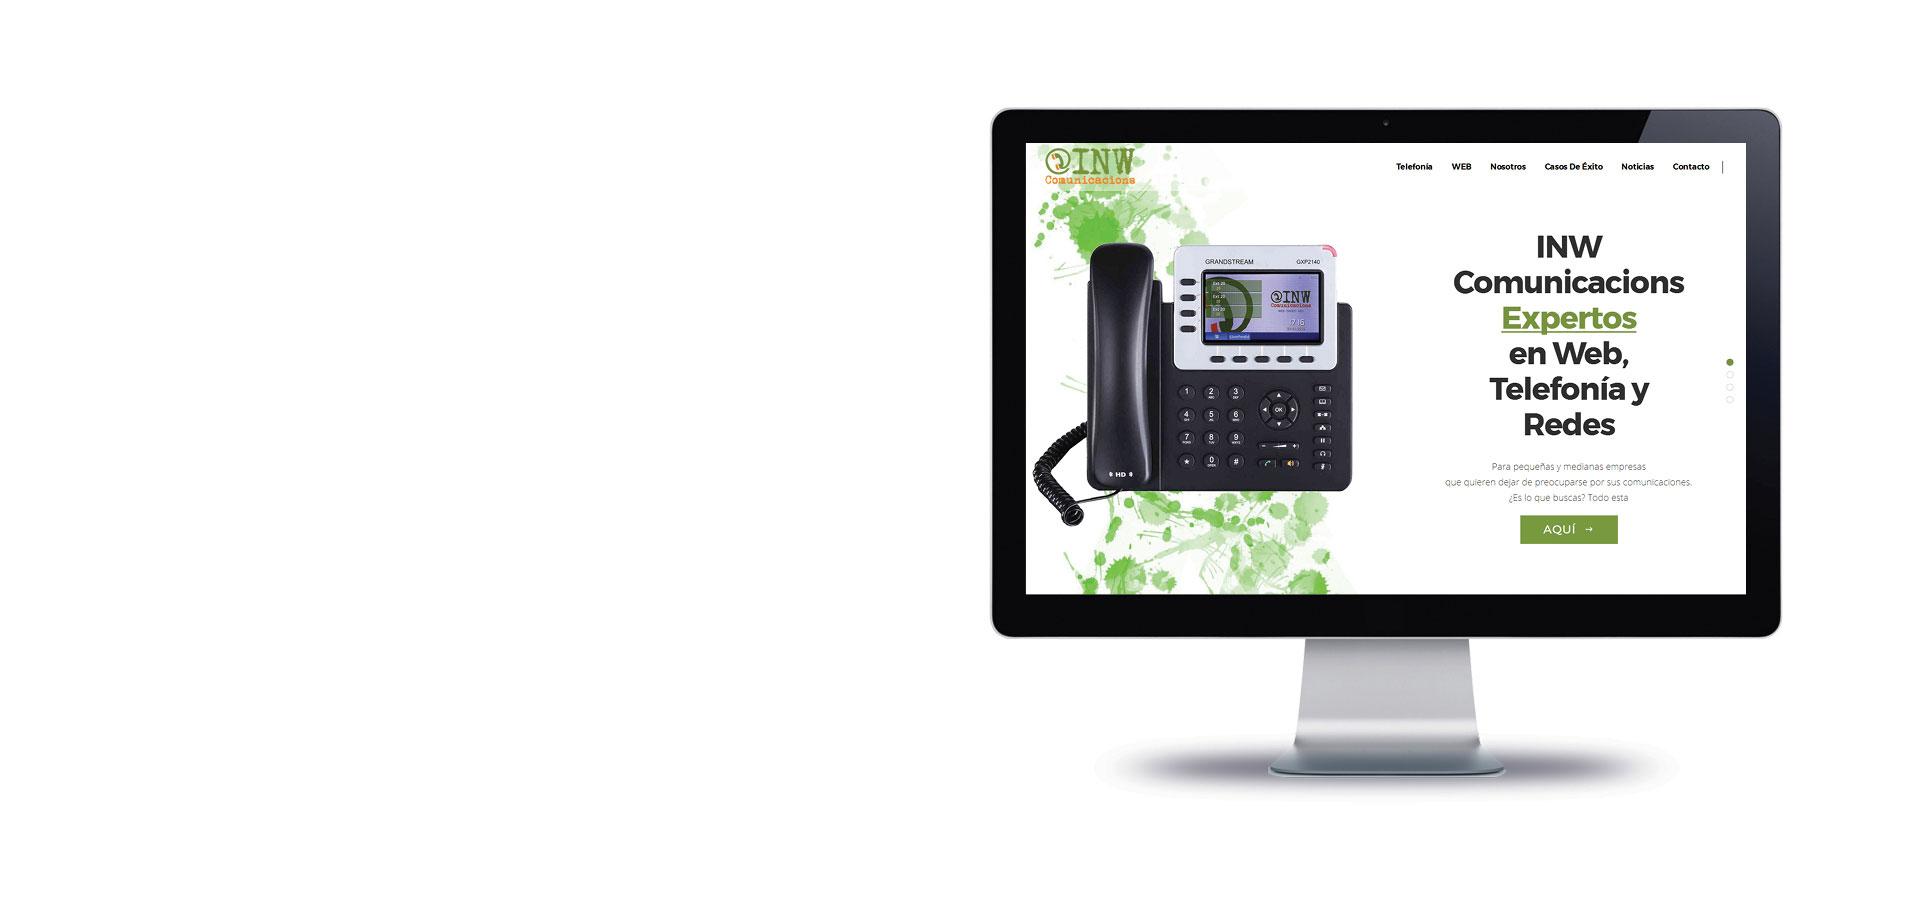 Web<br>Telefonía<br>Redes